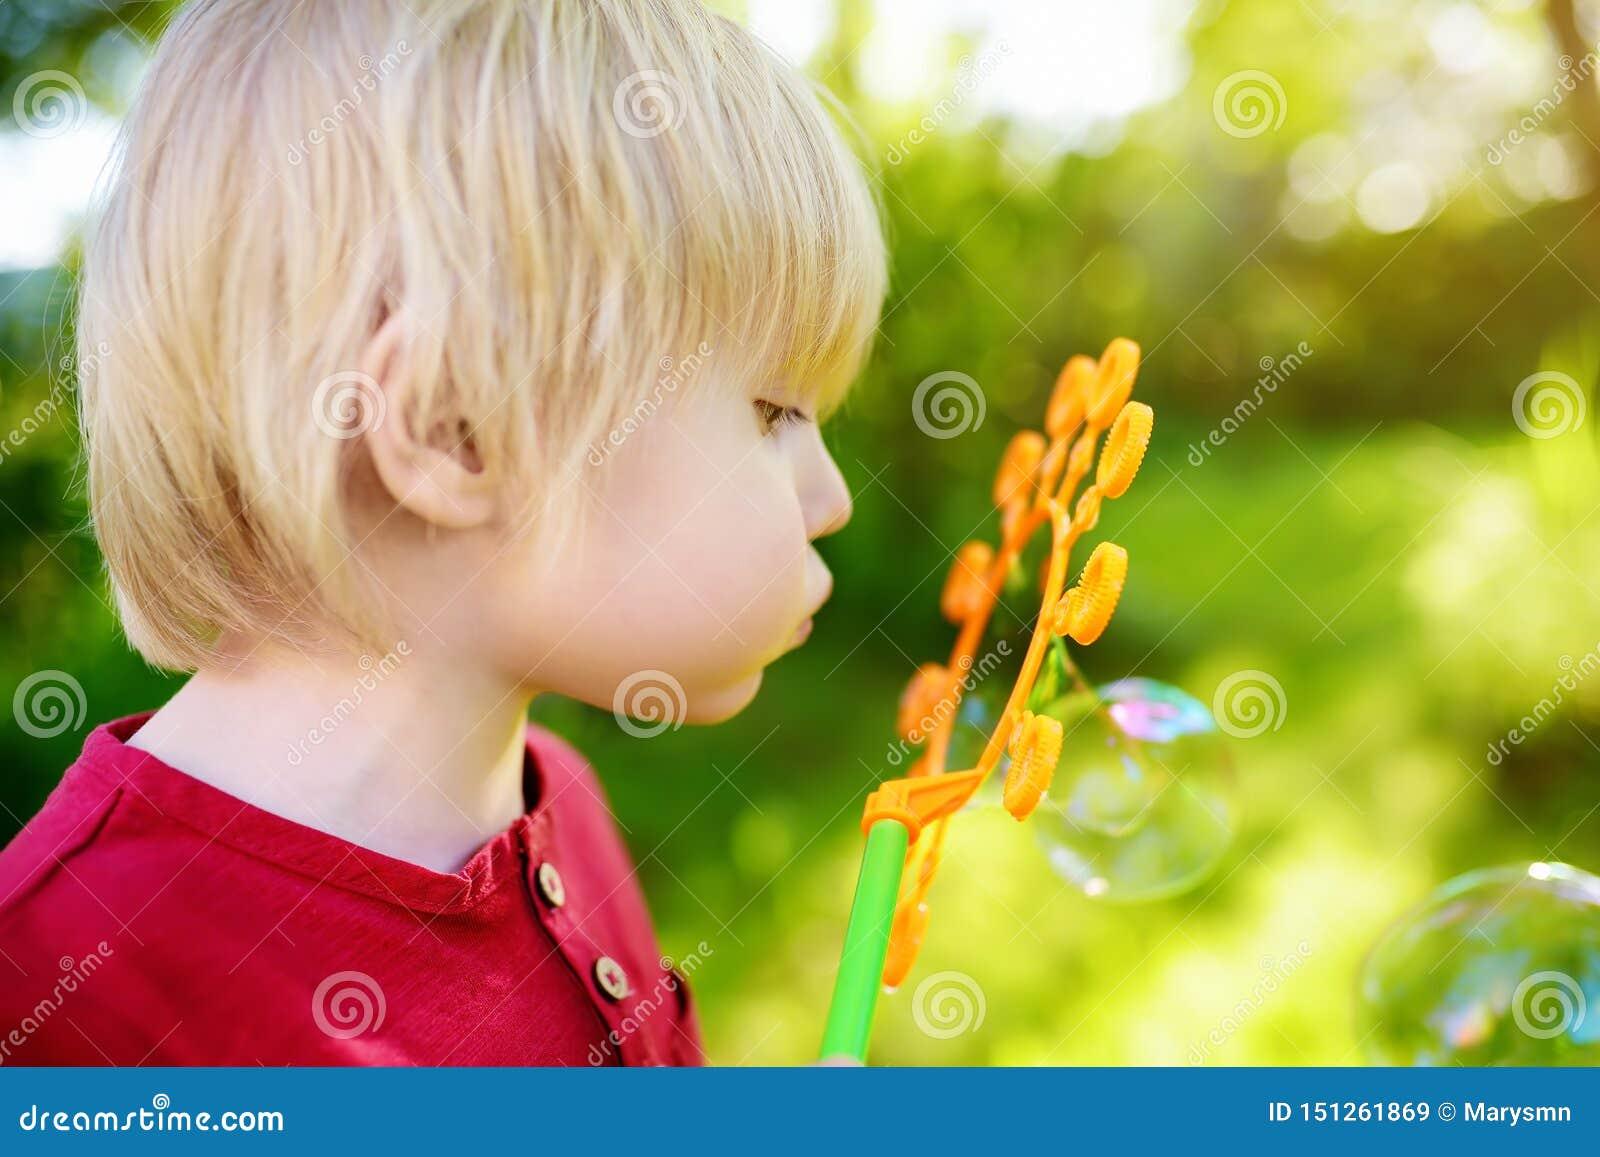 Le petit gar?on mignon joue avec de grandes bulles ext?rieures L enfant souffle de grandes et petites bulles simultanément